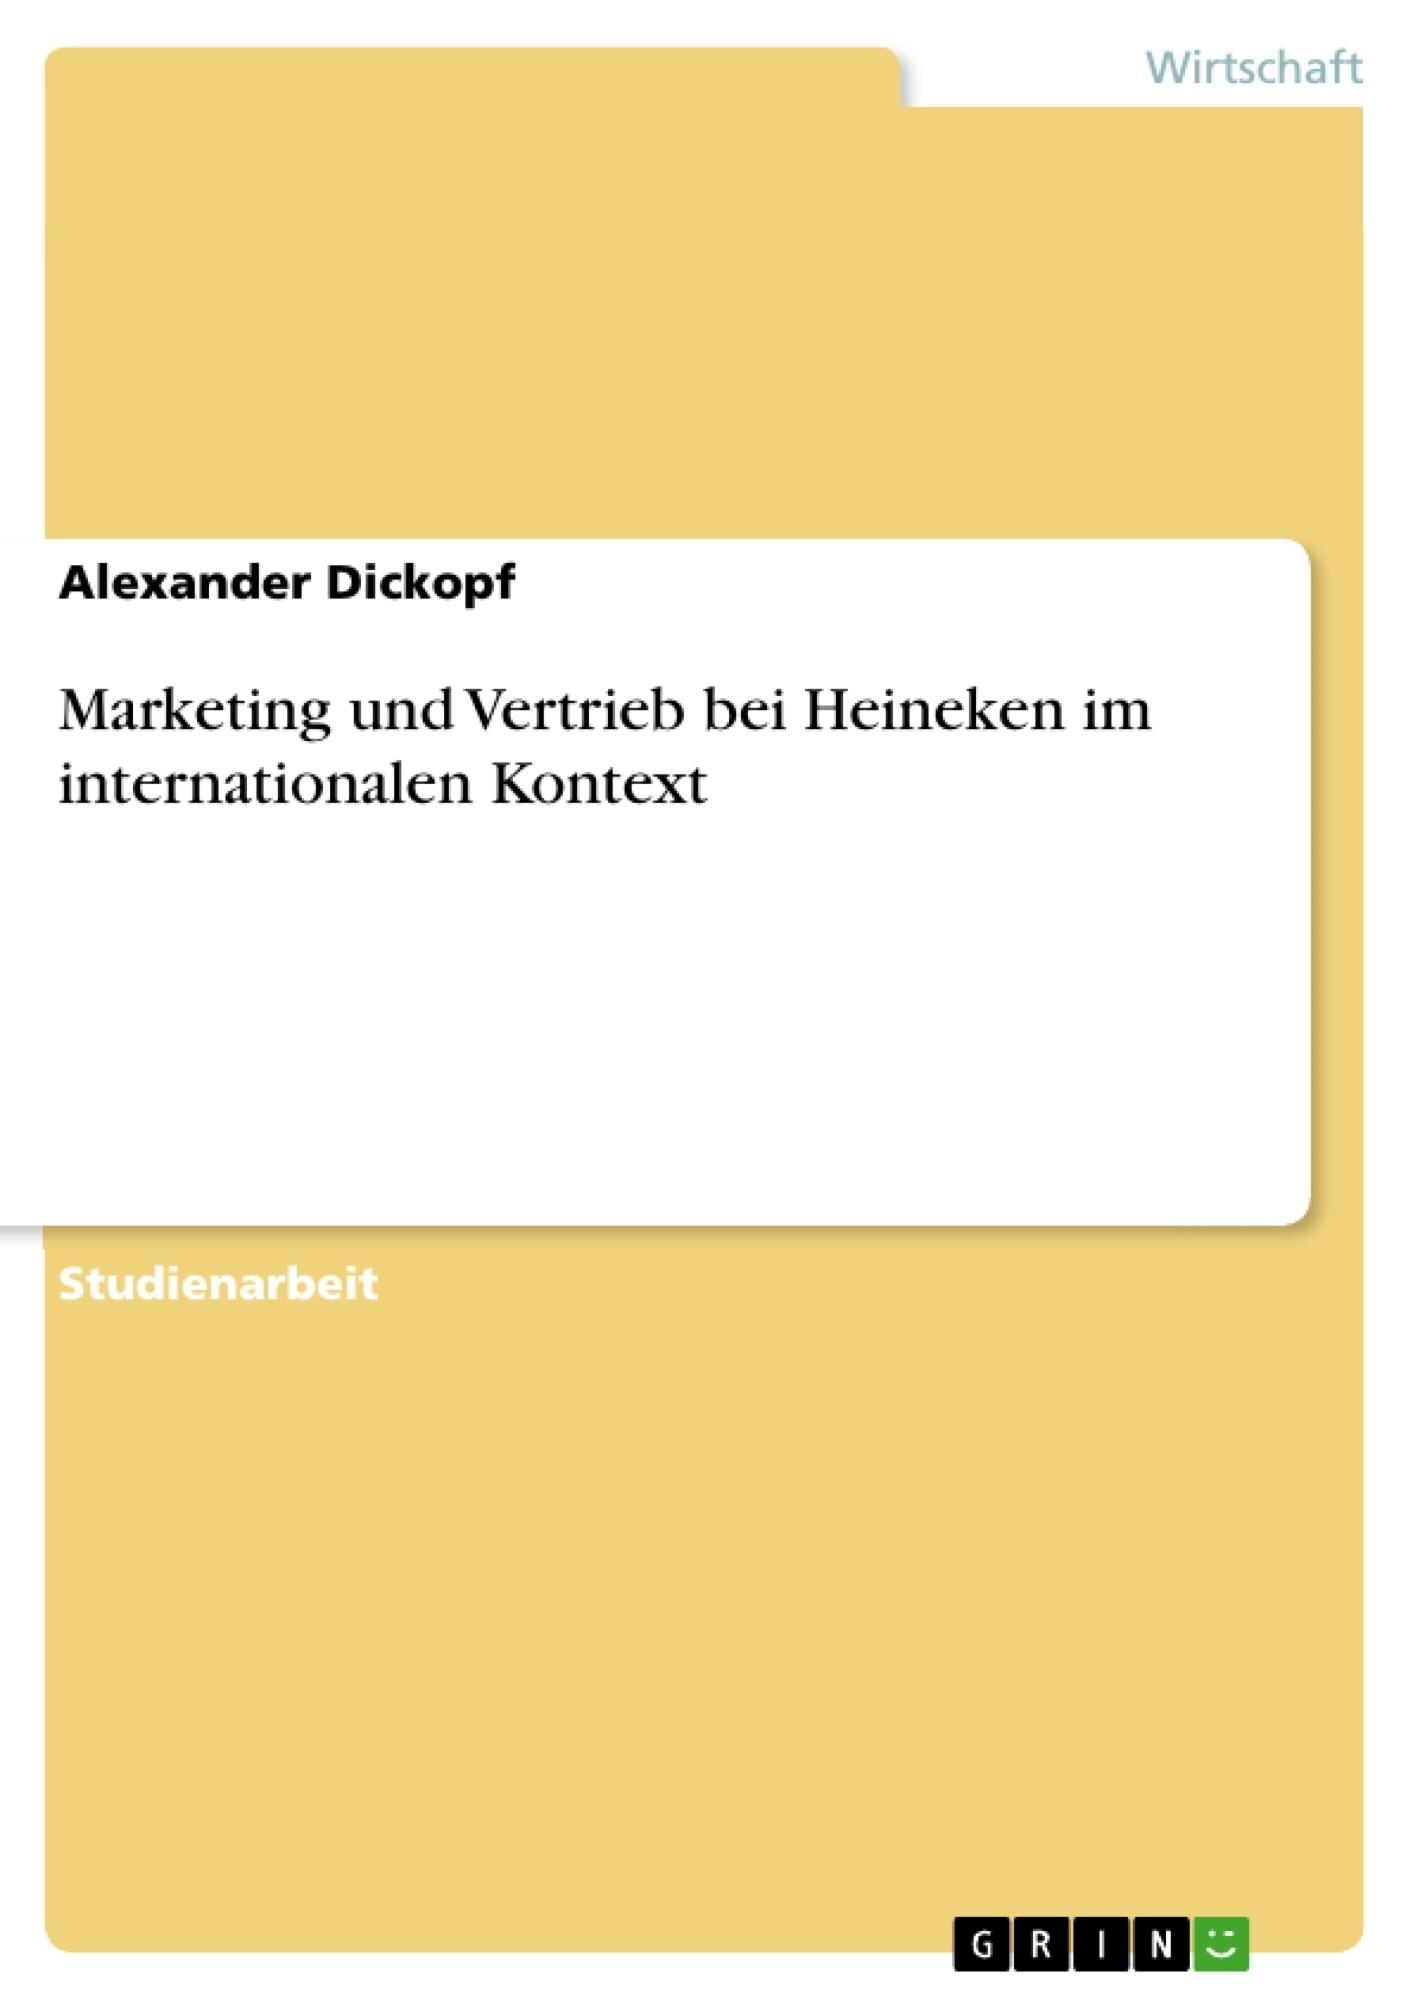 Titel: Marketing und Vertrieb bei Heineken im internationalen Kontext